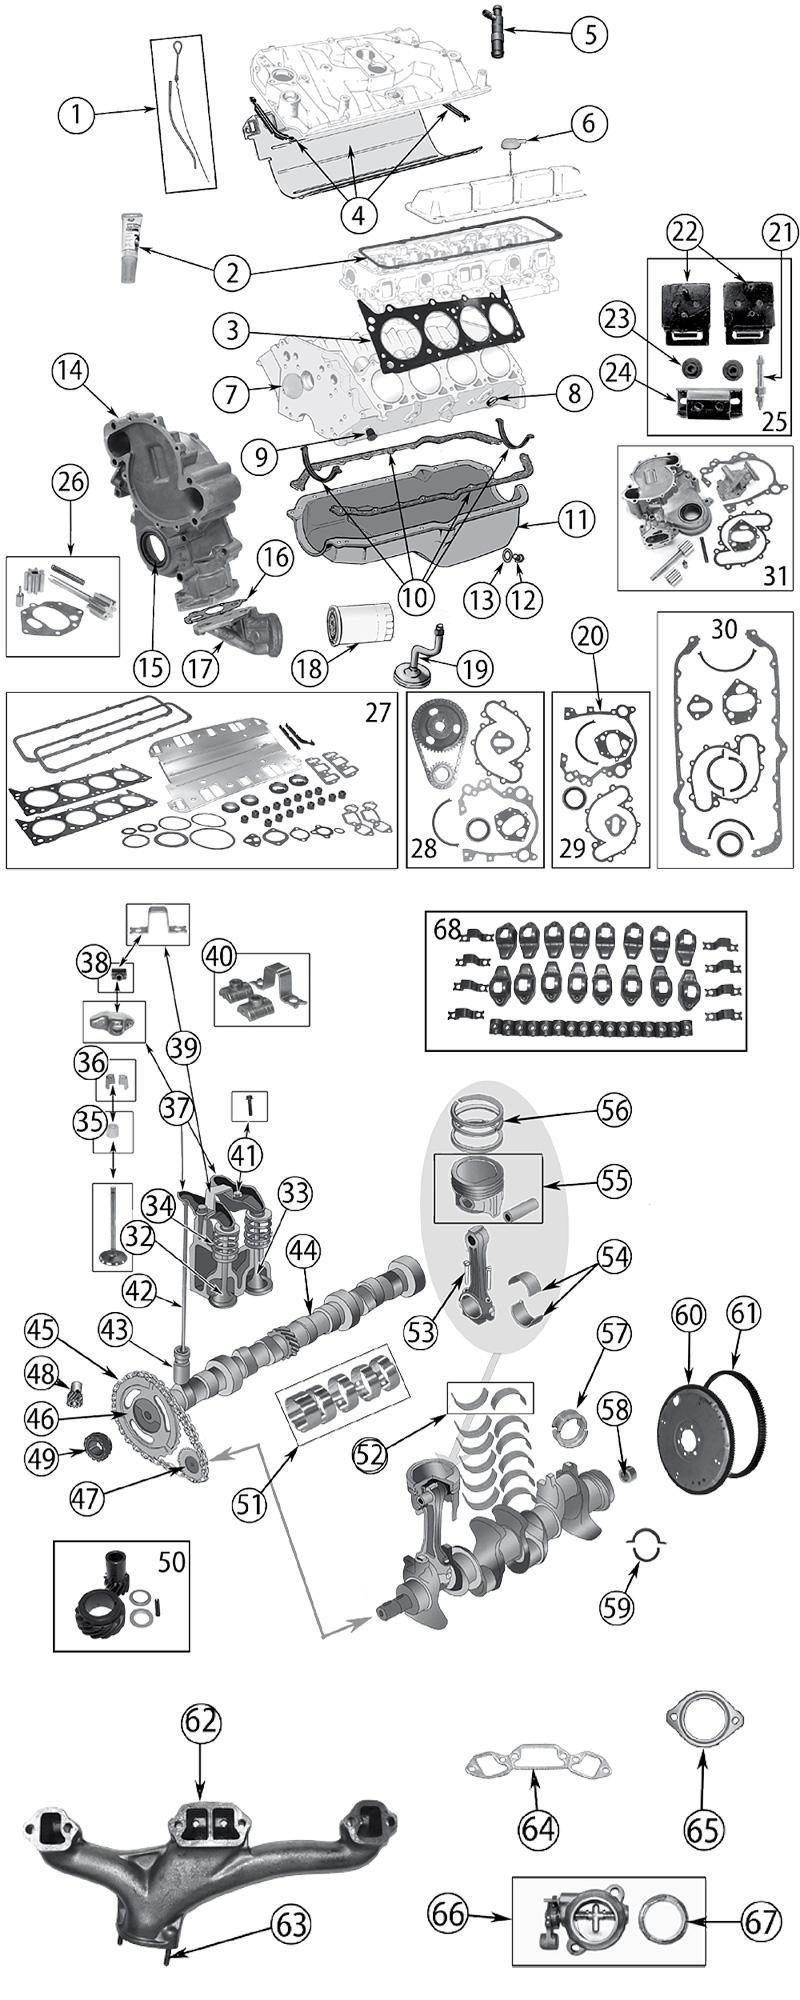 Diagram 5.0L (V8-304), 5.9L (V8-360), 6.6L (V8-401) Jeep SJ Grand Wagoneer  1962/1991 - Fortec GmbHChrysler Dodge Jeep